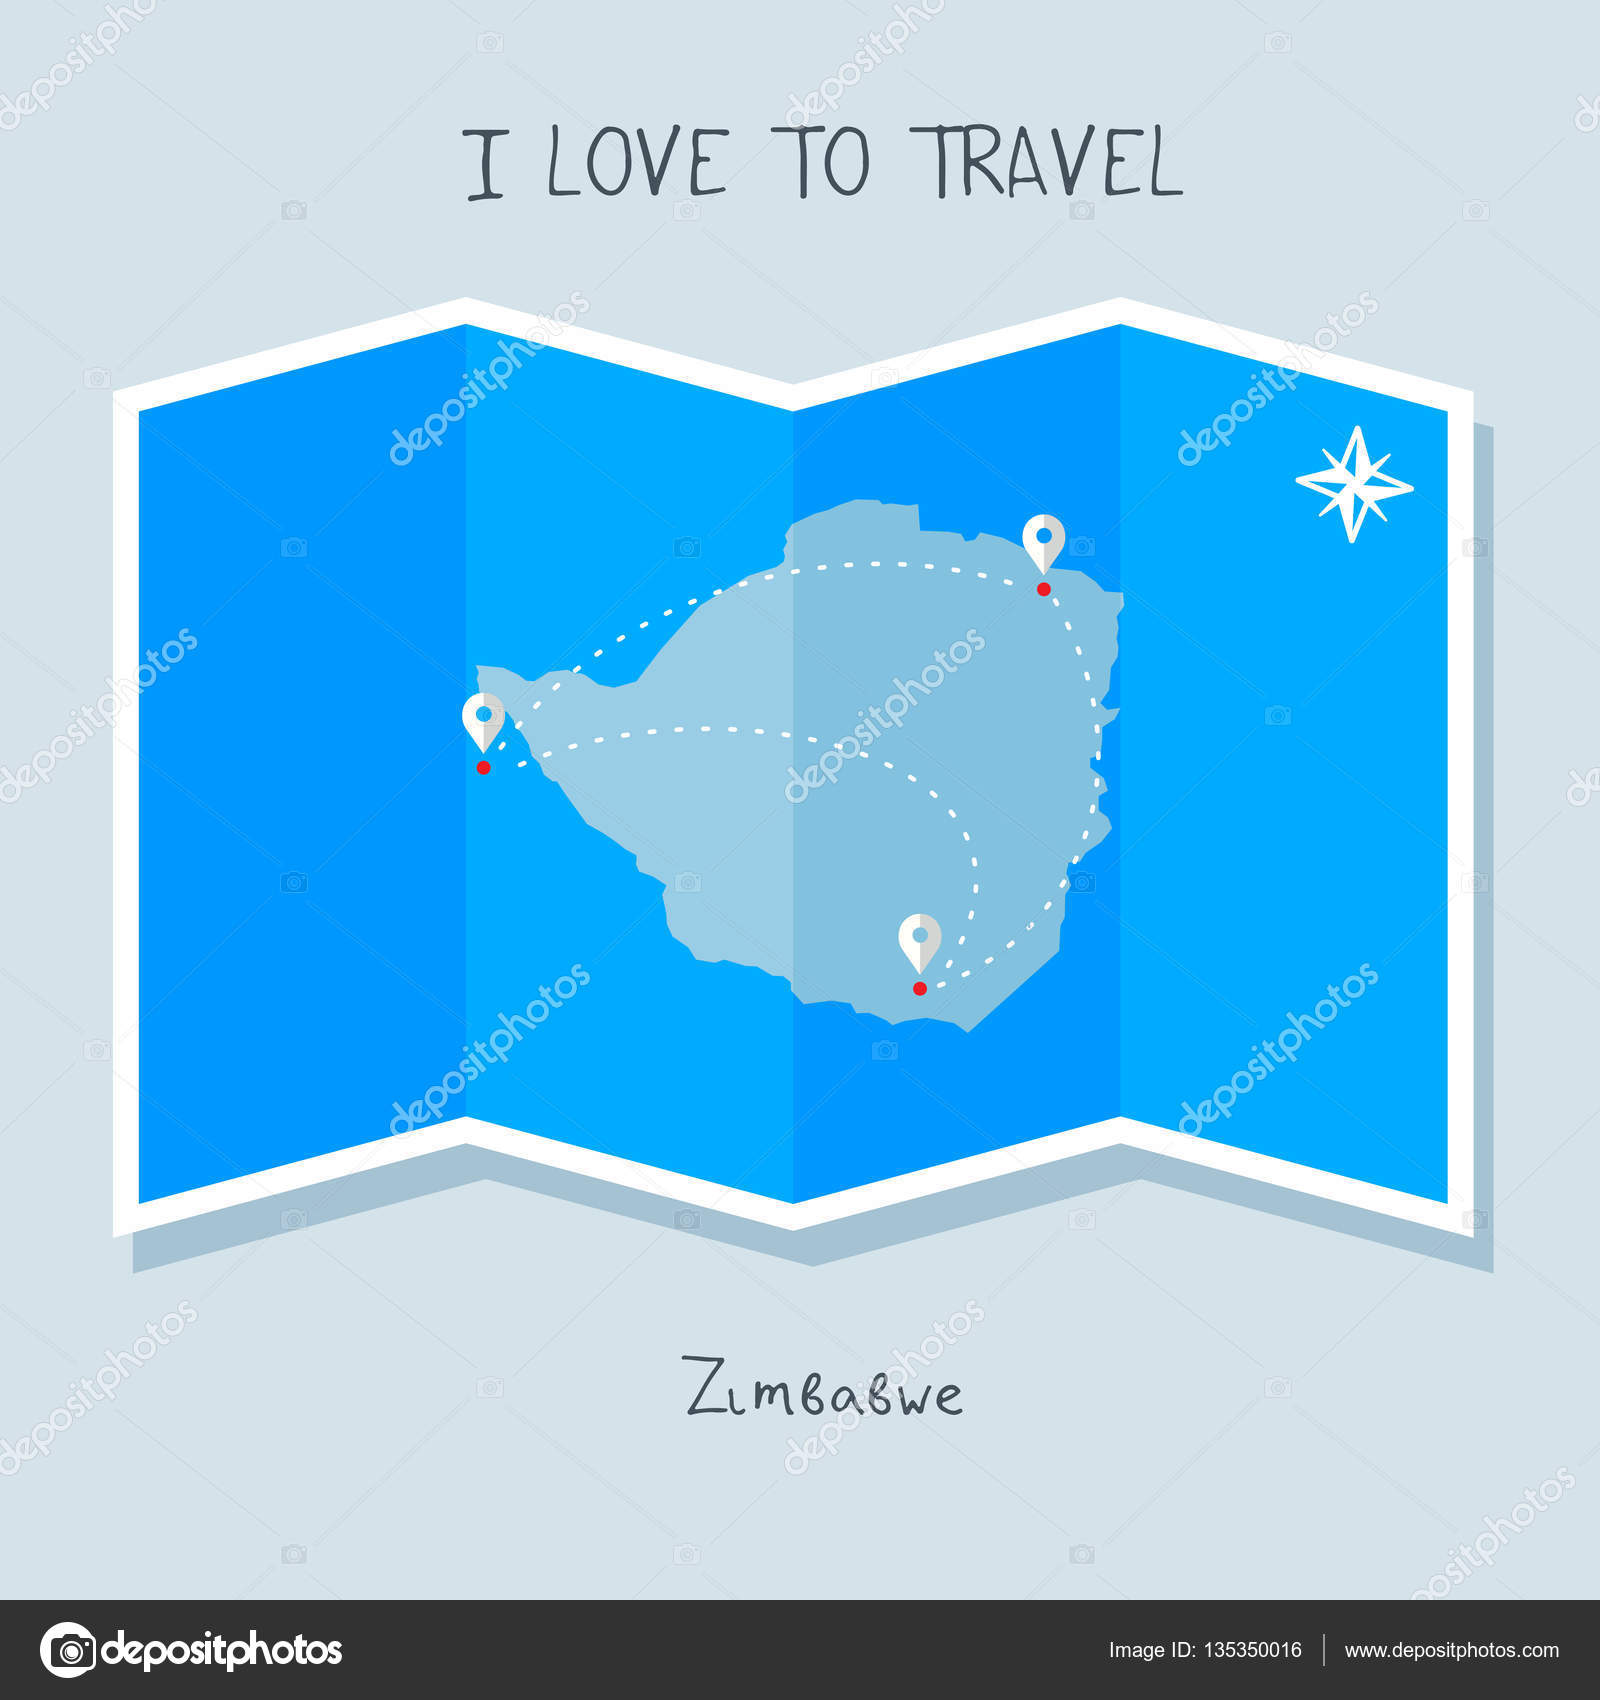 Zimbabwe on blue world map — Stock Vector © ibrandify #135350016